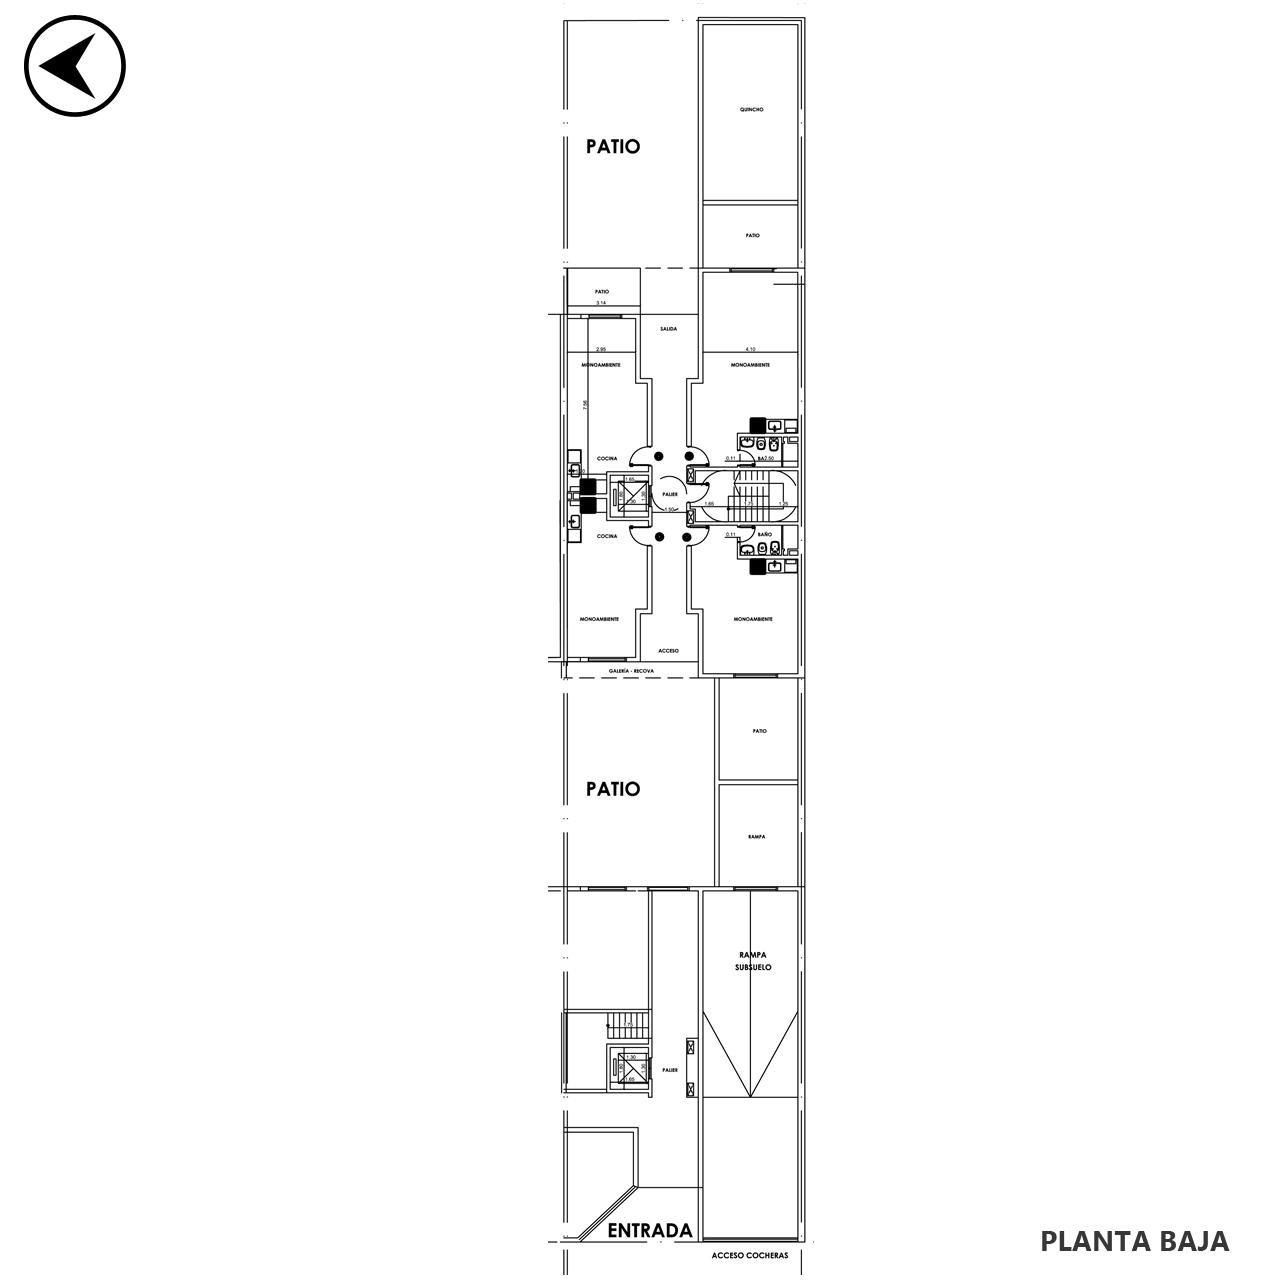 Venta departamento 1 dormitorio Rosario, Parque España. Cod CBU23323 AP2199591. Crestale Propiedades